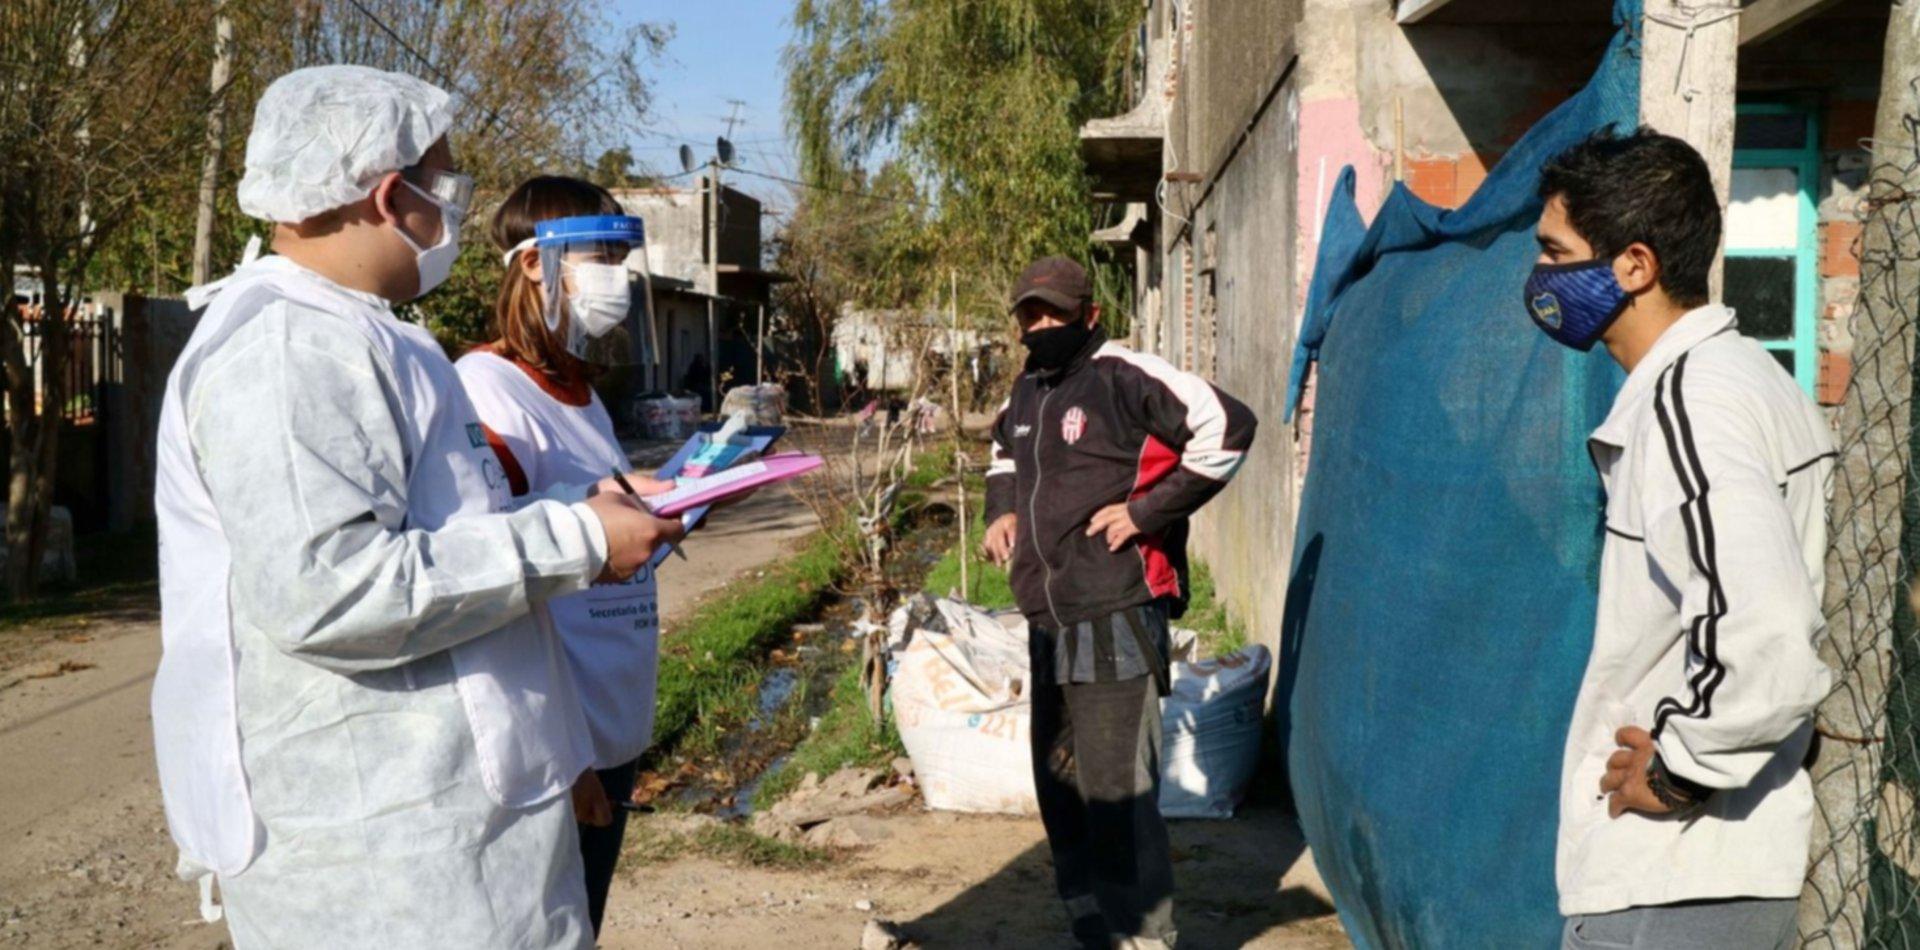 Por segunda semana consecutiva cayeron los contagios de coronavirus en La Plata